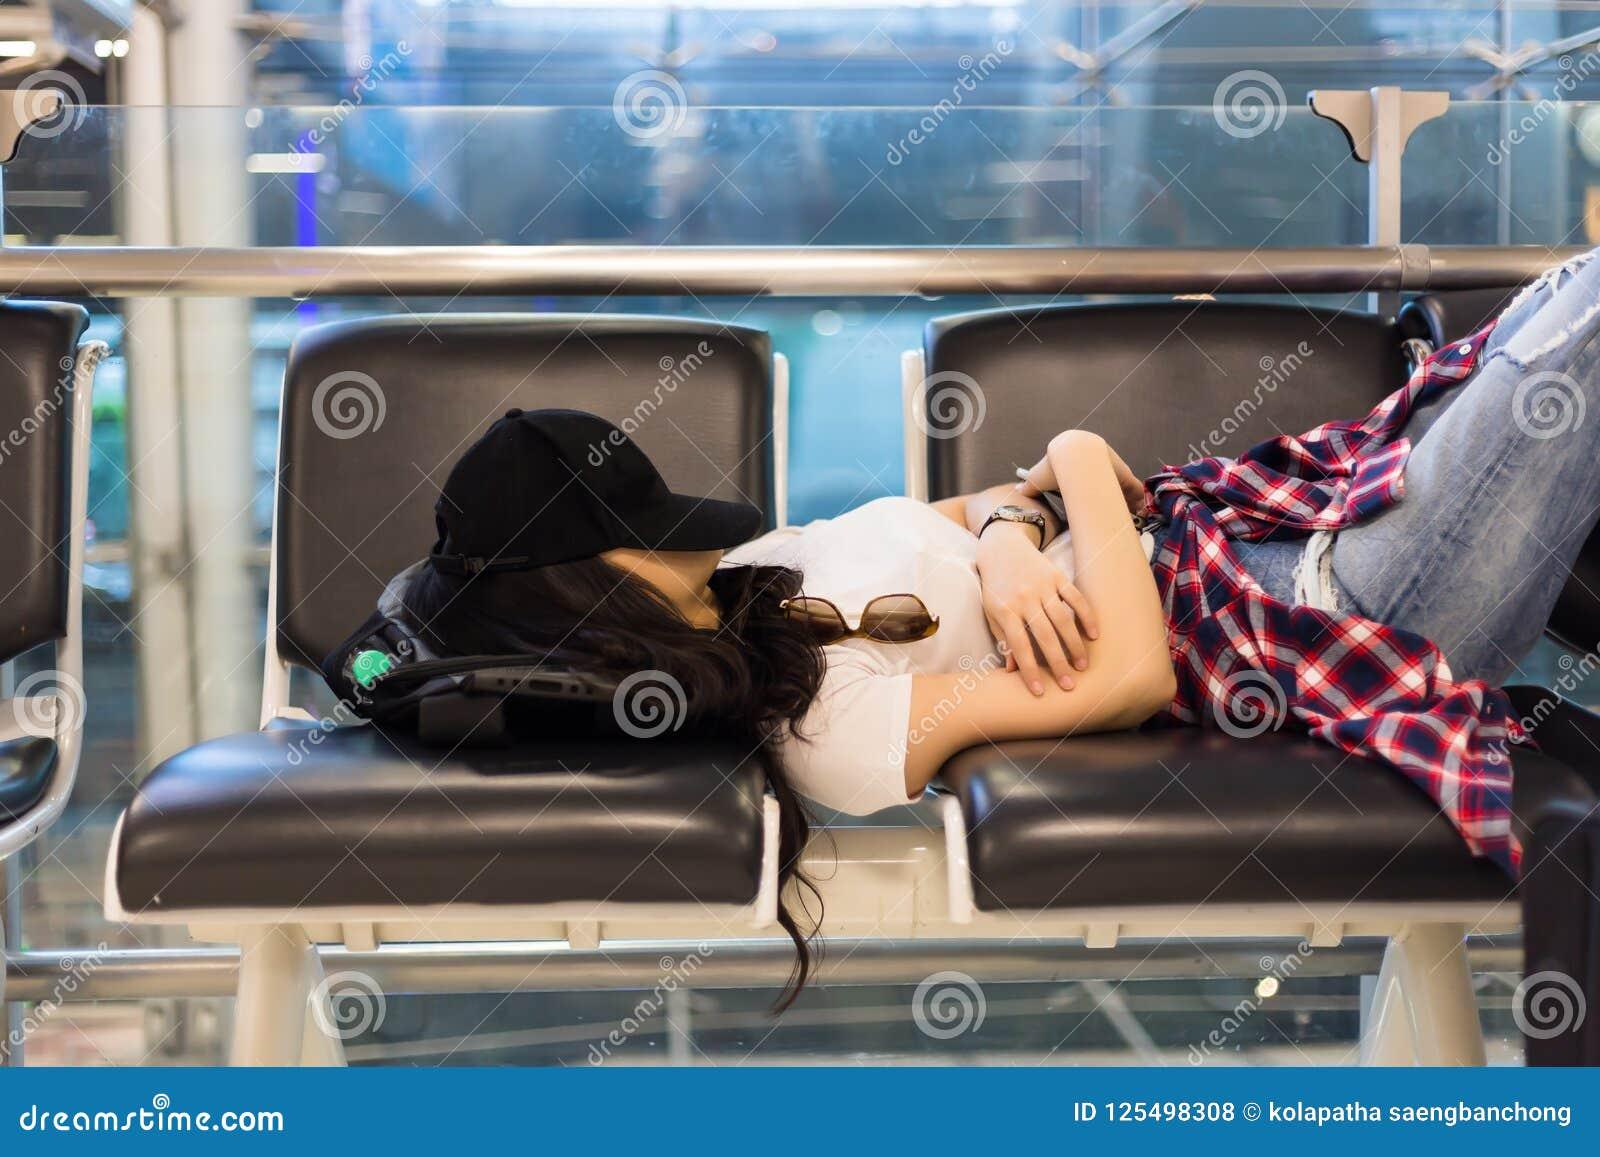 La sensación atractiva de la mujer intentada y que agujerea, vuelo consigue tarde, retraso